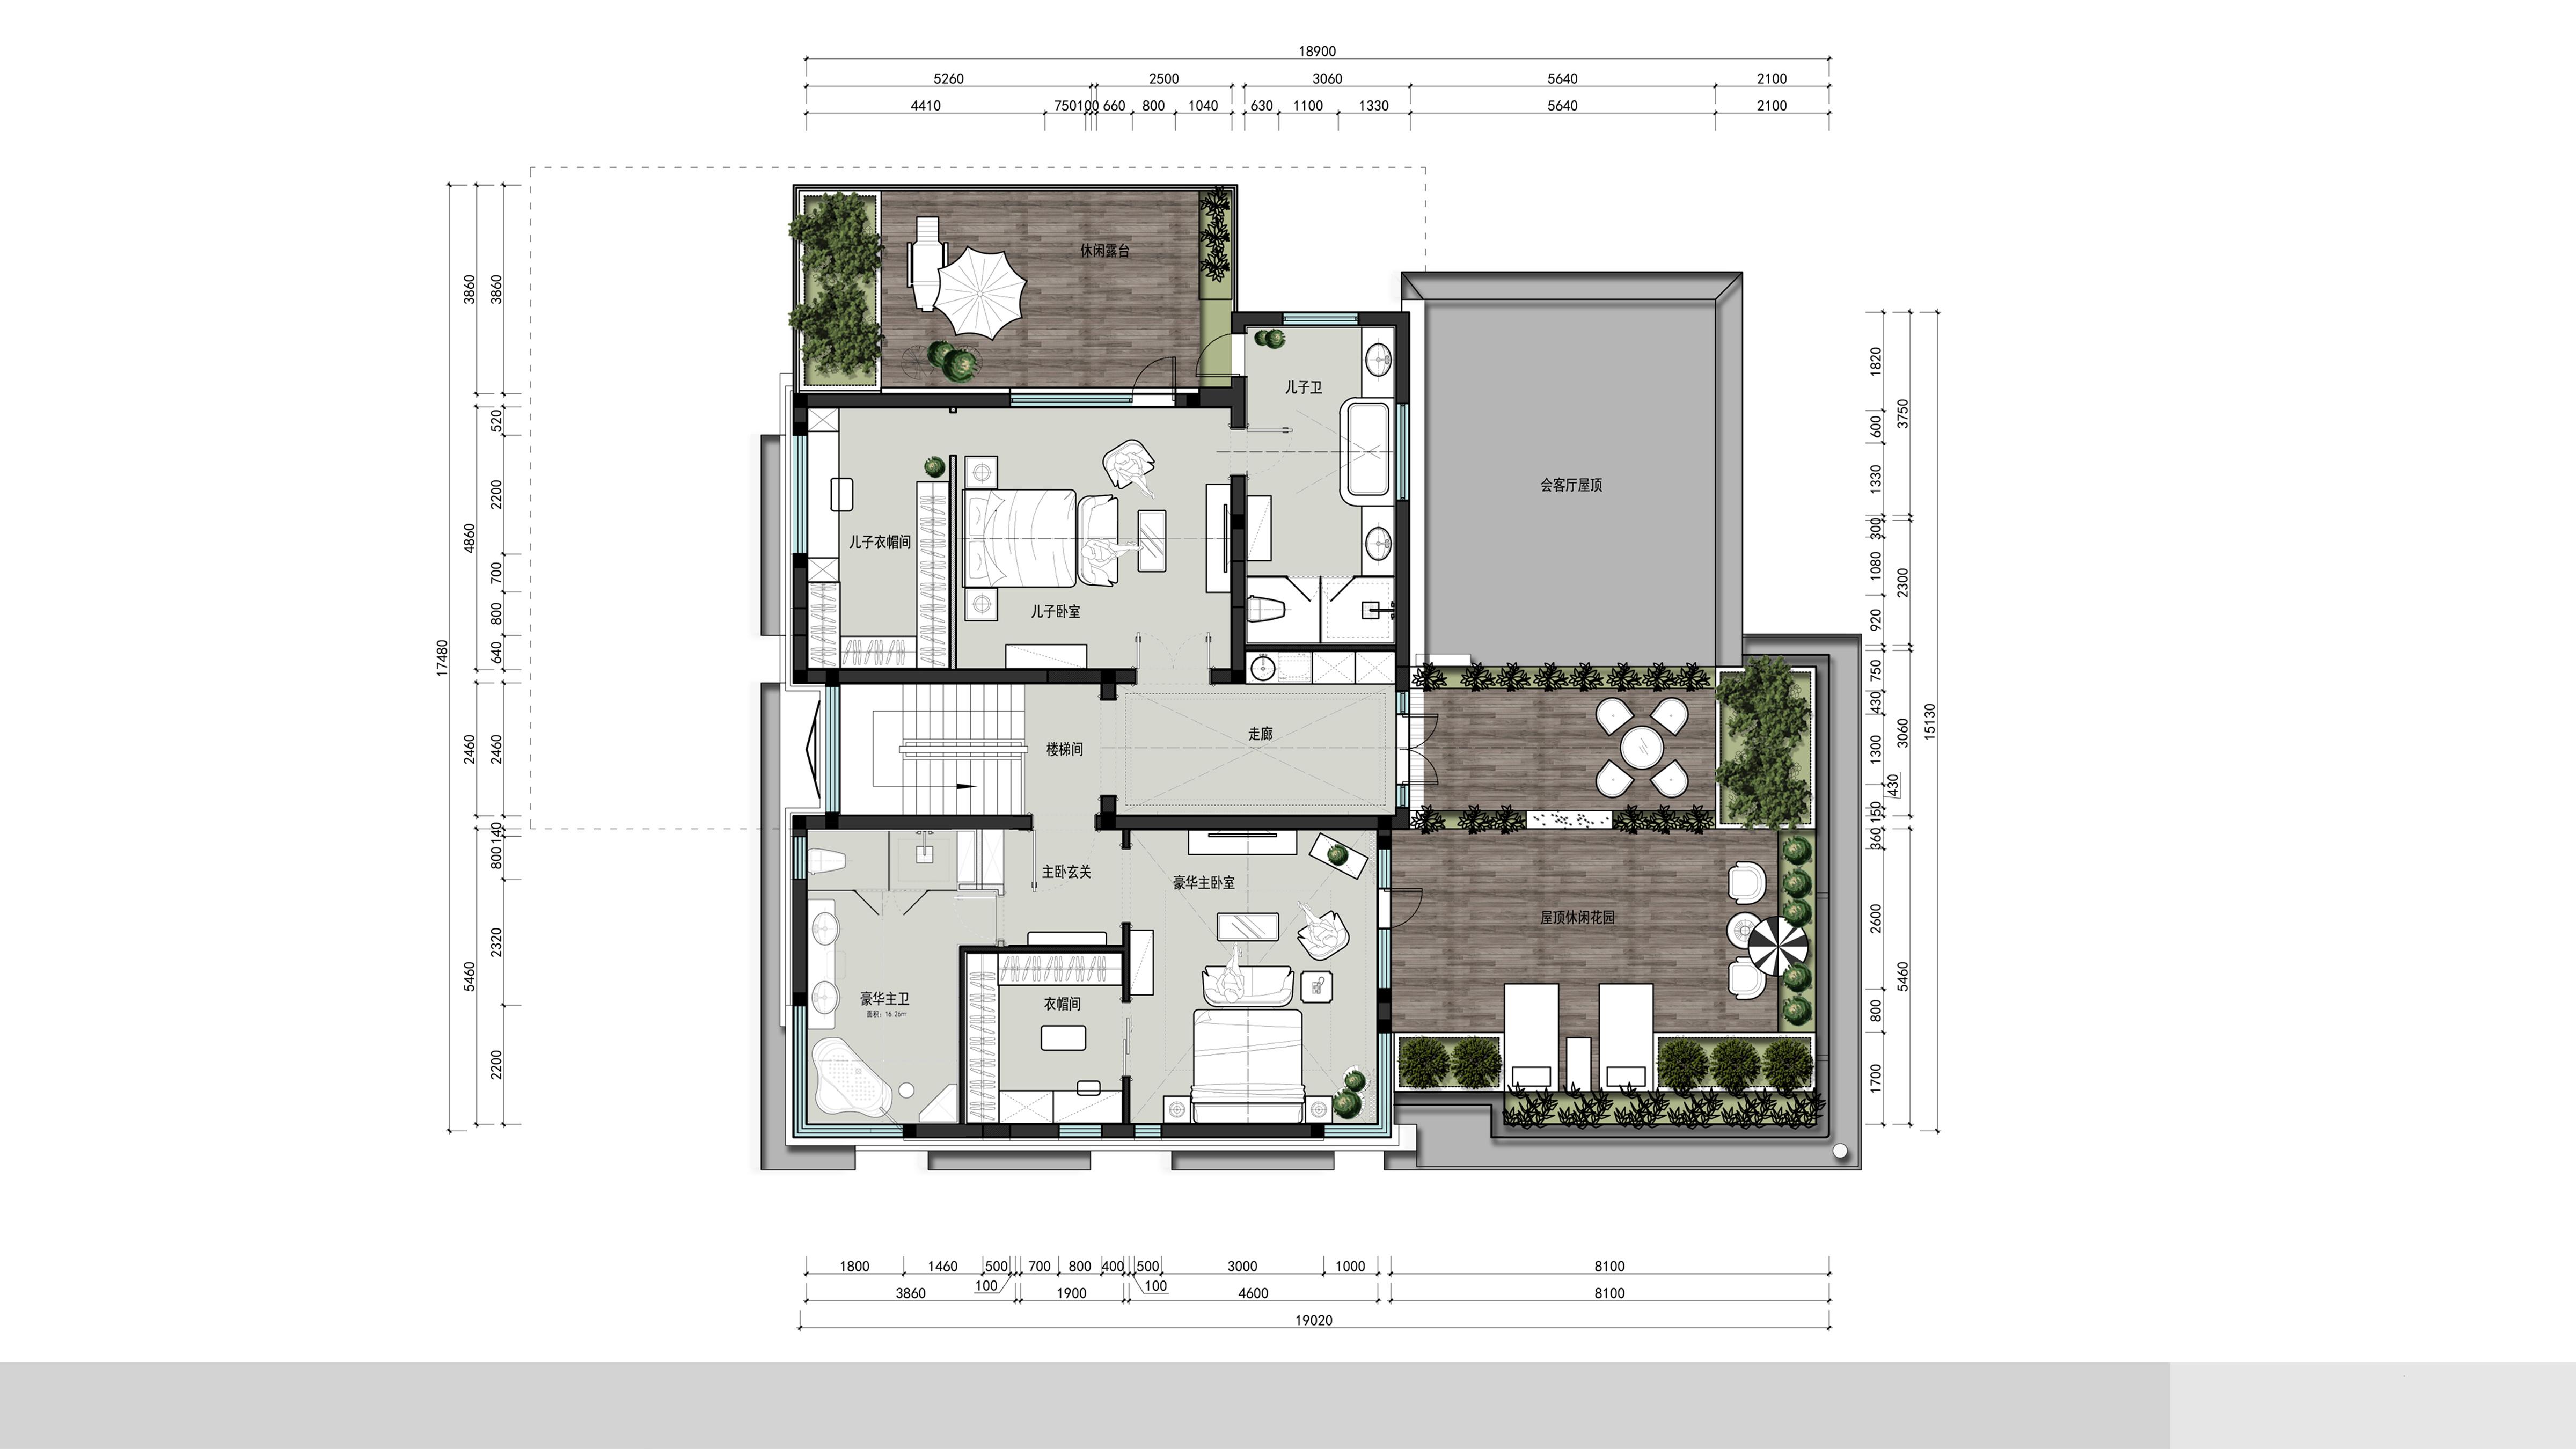 独栋别墅-简约新美式-850平米装修设计理念